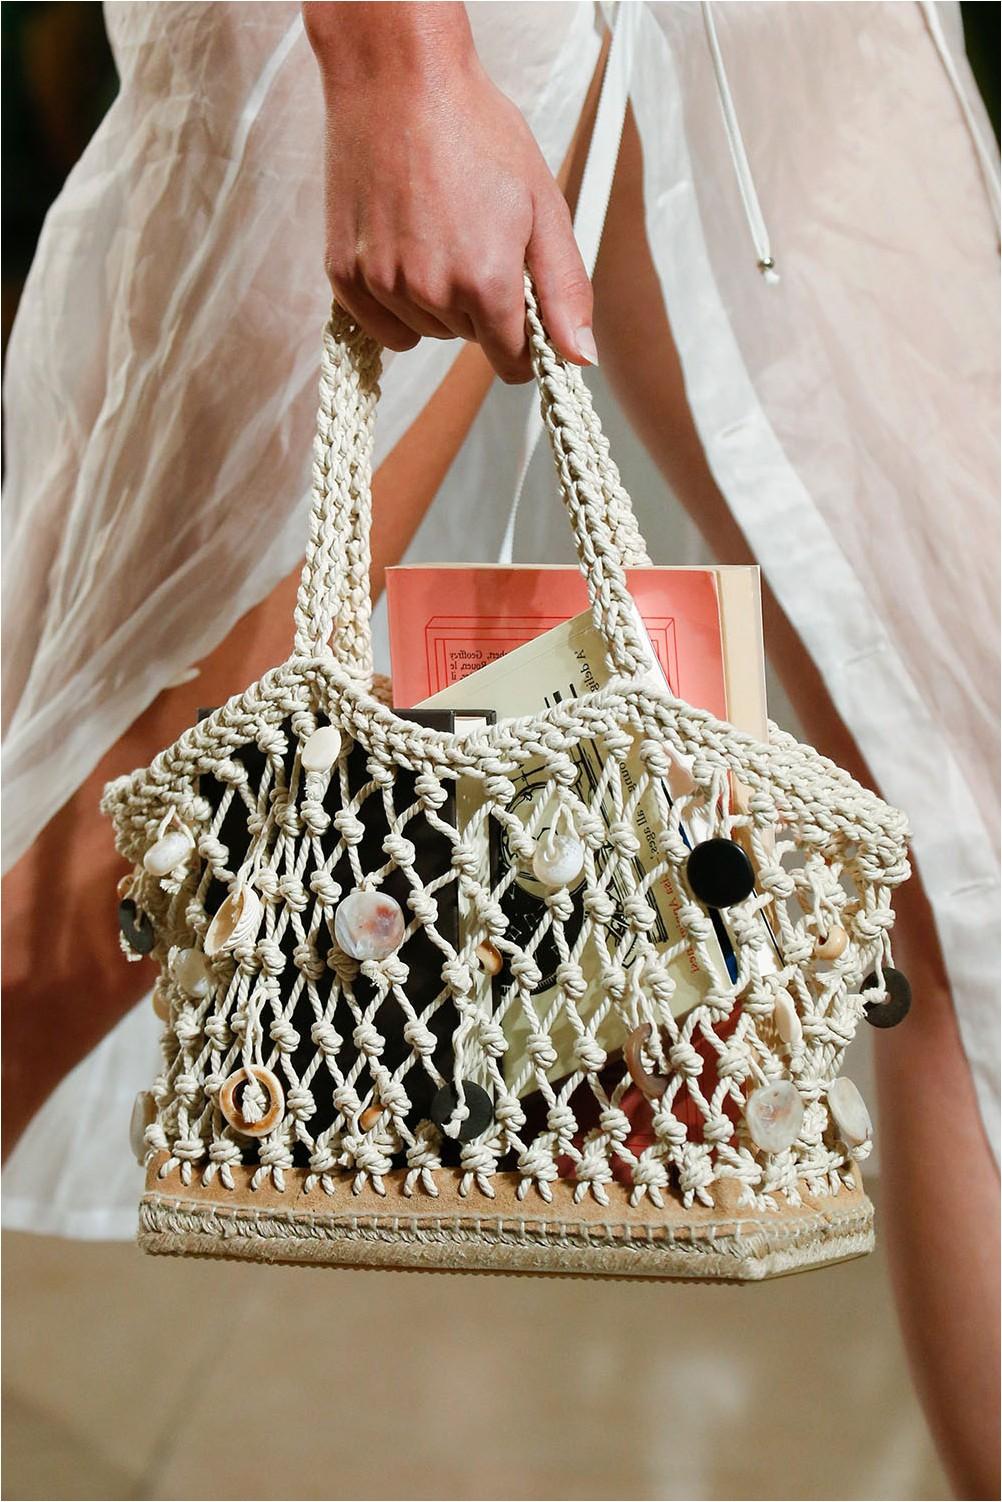 Weaving Altuzarra